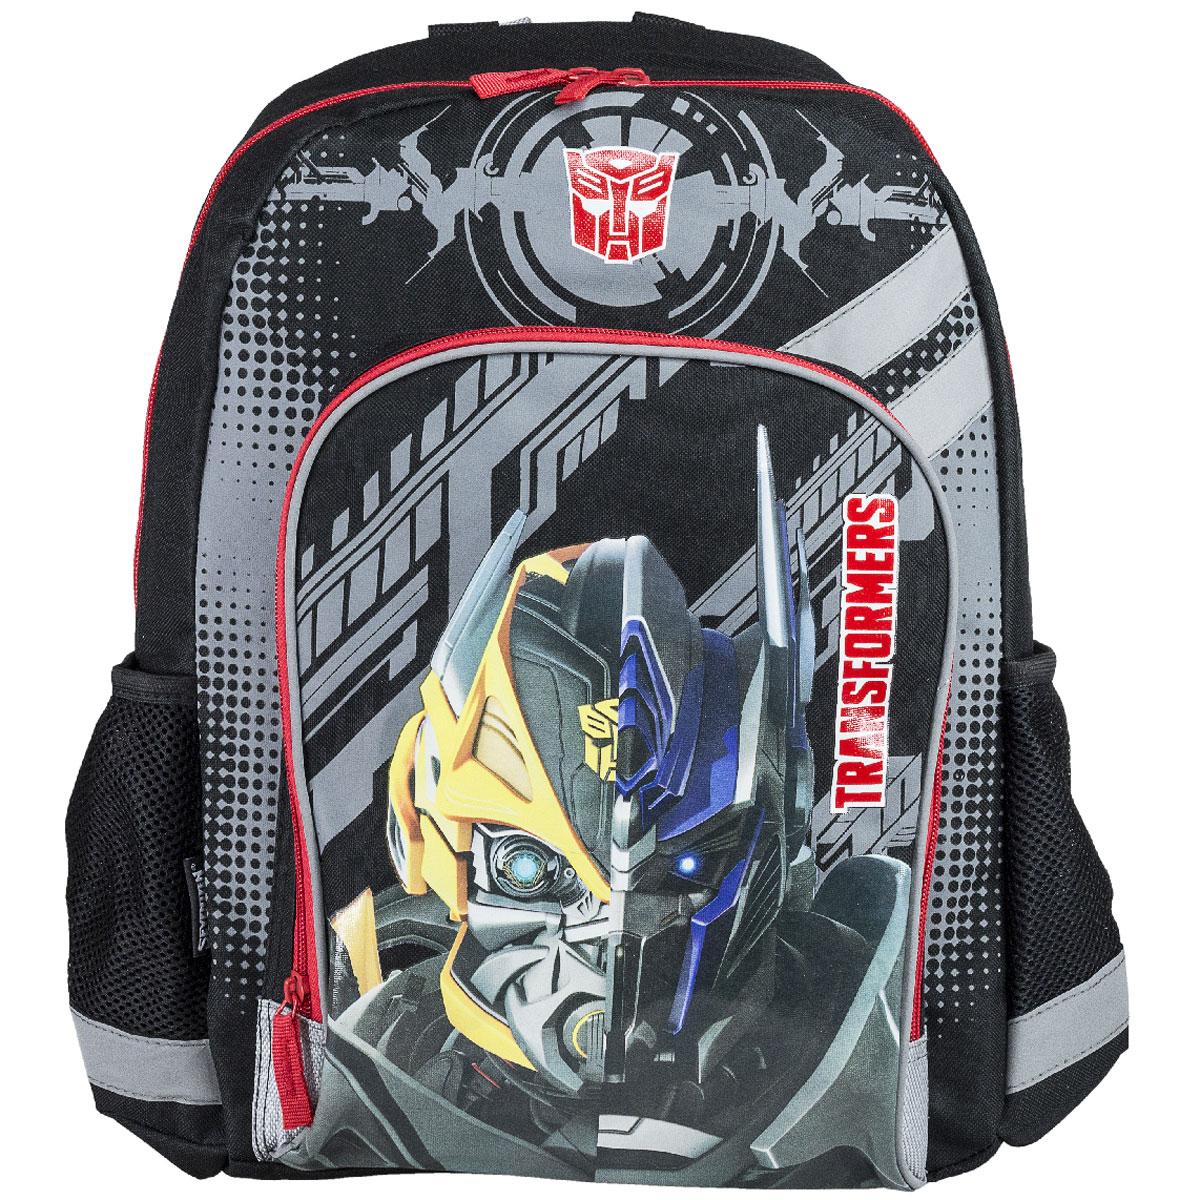 Рюкзак школьный Transformers Prime, цвет: черный, серый красный. TRCB-MT1-988MTRCB-MT1-988MРюкзак школьный Transformers Prime обязательно привлечет внимание вашего школьника. Выполнен из прочных и высококачественных материалов, дополнен изображением трансформера. Содержит одно вместительное отделение, закрывающееся на застежку-молнию с двумя бегунками. Внутри отделения находятся две перегородки для тетрадей или учебников, фиксирующиеся резинкой. Дно рюкзака можно сделать жестким, разложив специальную панель с пластиковой вставкой, что повышает сохранность содержимого рюкзака и способствует правильному распределению нагрузки. Лицевая сторона оснащена накладным карманом на молнии. По бокам расположены два накладных кармана-сетка. Конструкция спинки дополнена противоскользящей сеточкой и системой вентиляции для предотвращения запотевания спины ребенка. Мягкие широкие лямки S-образной формы позволяют легко и быстро отрегулировать рюкзак в соответствии с ростом. Рюкзак оснащен текстильной ручкой для удобной переноски в руке. Светоотражающие элементы...